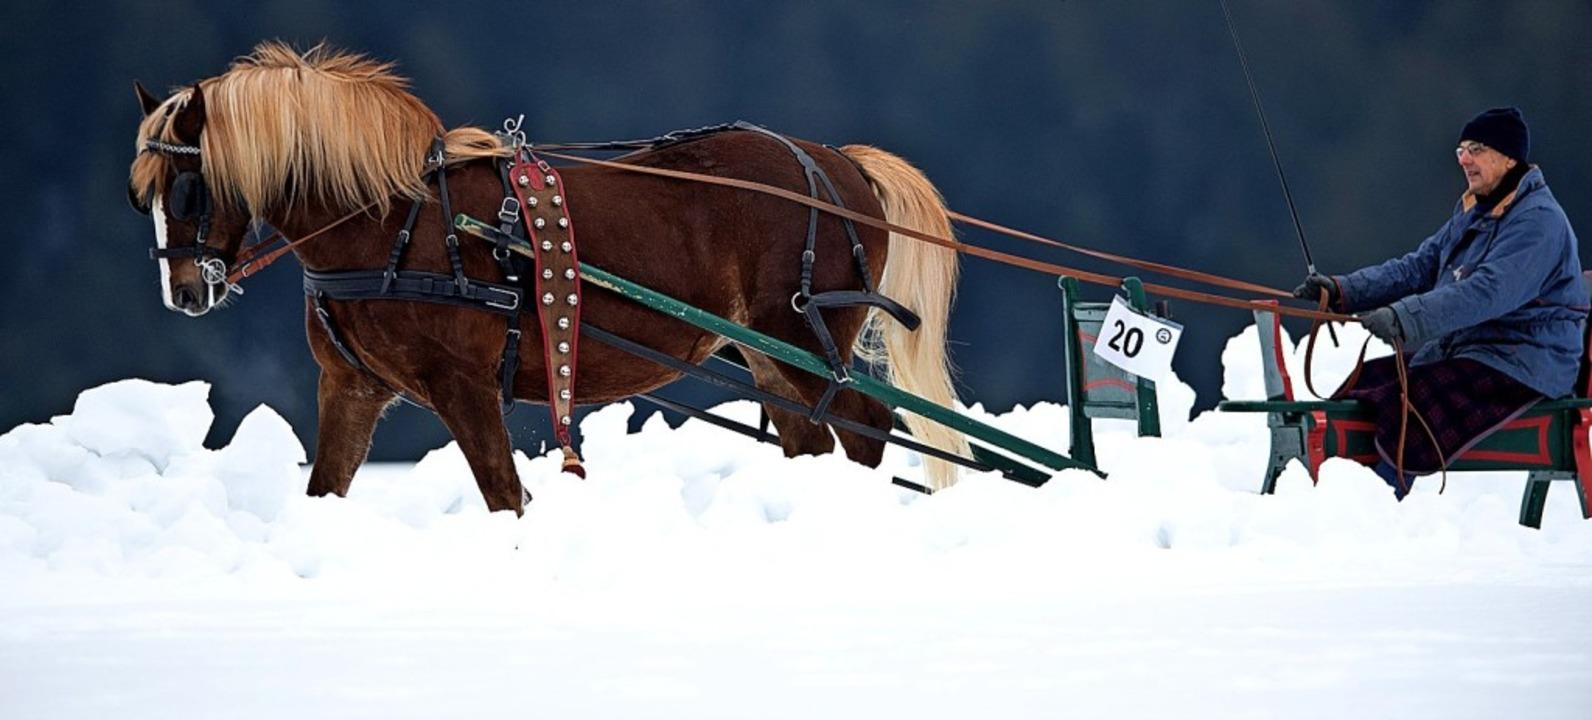 Josef Waldvogel, der Altbürgermeister ...ten Pferdeschlittenrennen als Aktiver.    Foto: Wolfgang Scheu